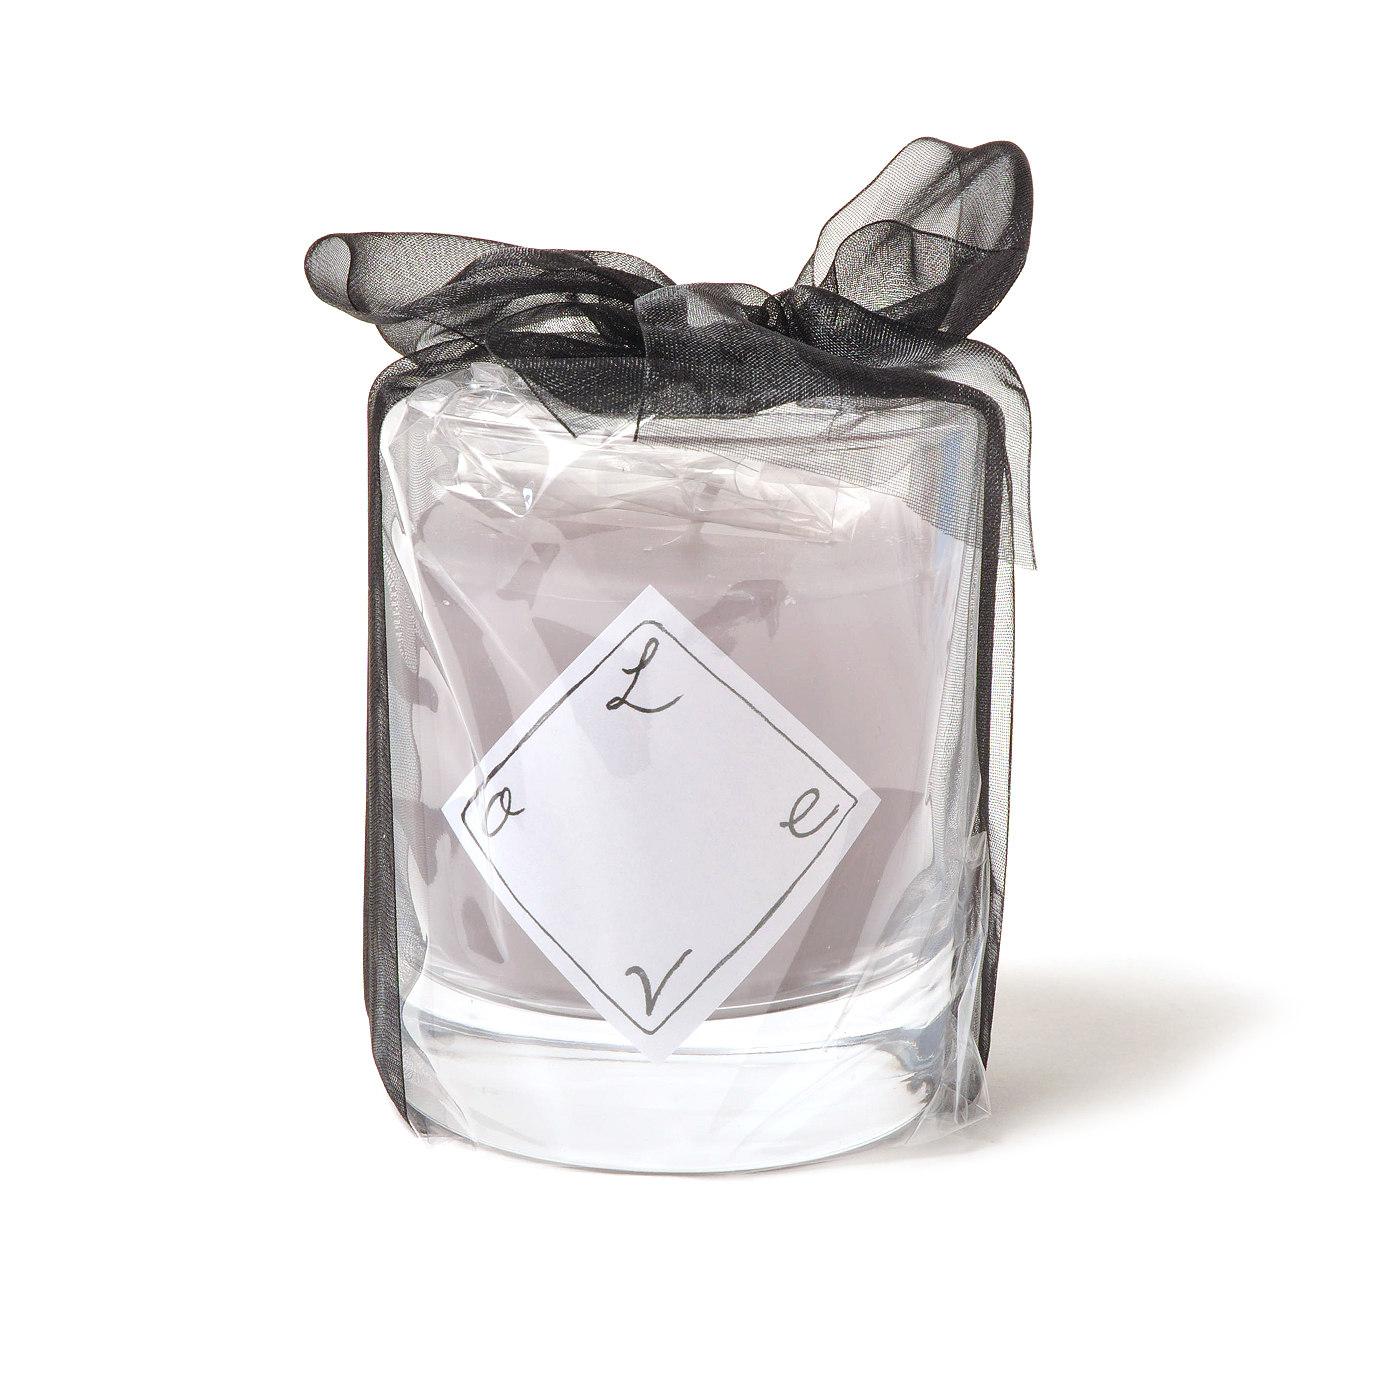 上品なグレイッシュパープルの色合いにやさしいラベンダーの香り。(直径約8cm、高さ約9cm、ソーダガラス、パラフィンなど)。